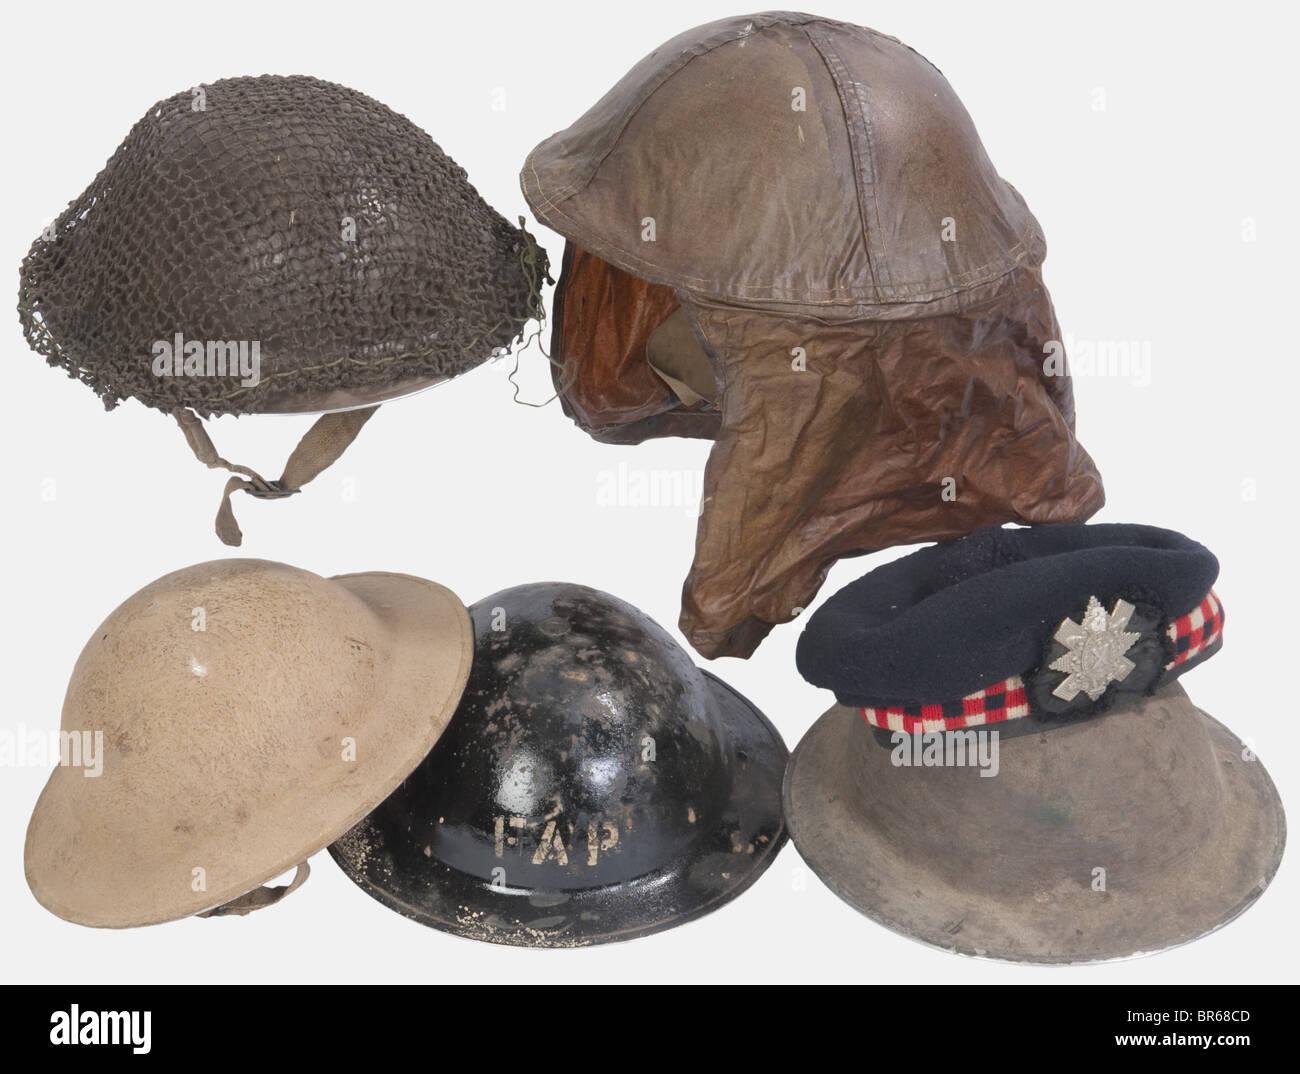 GRANDE-BRETAGNE, Cinq casques de l'Armée Anglaise, Quatre modèles MKII complets avec intérieur - Stock Image